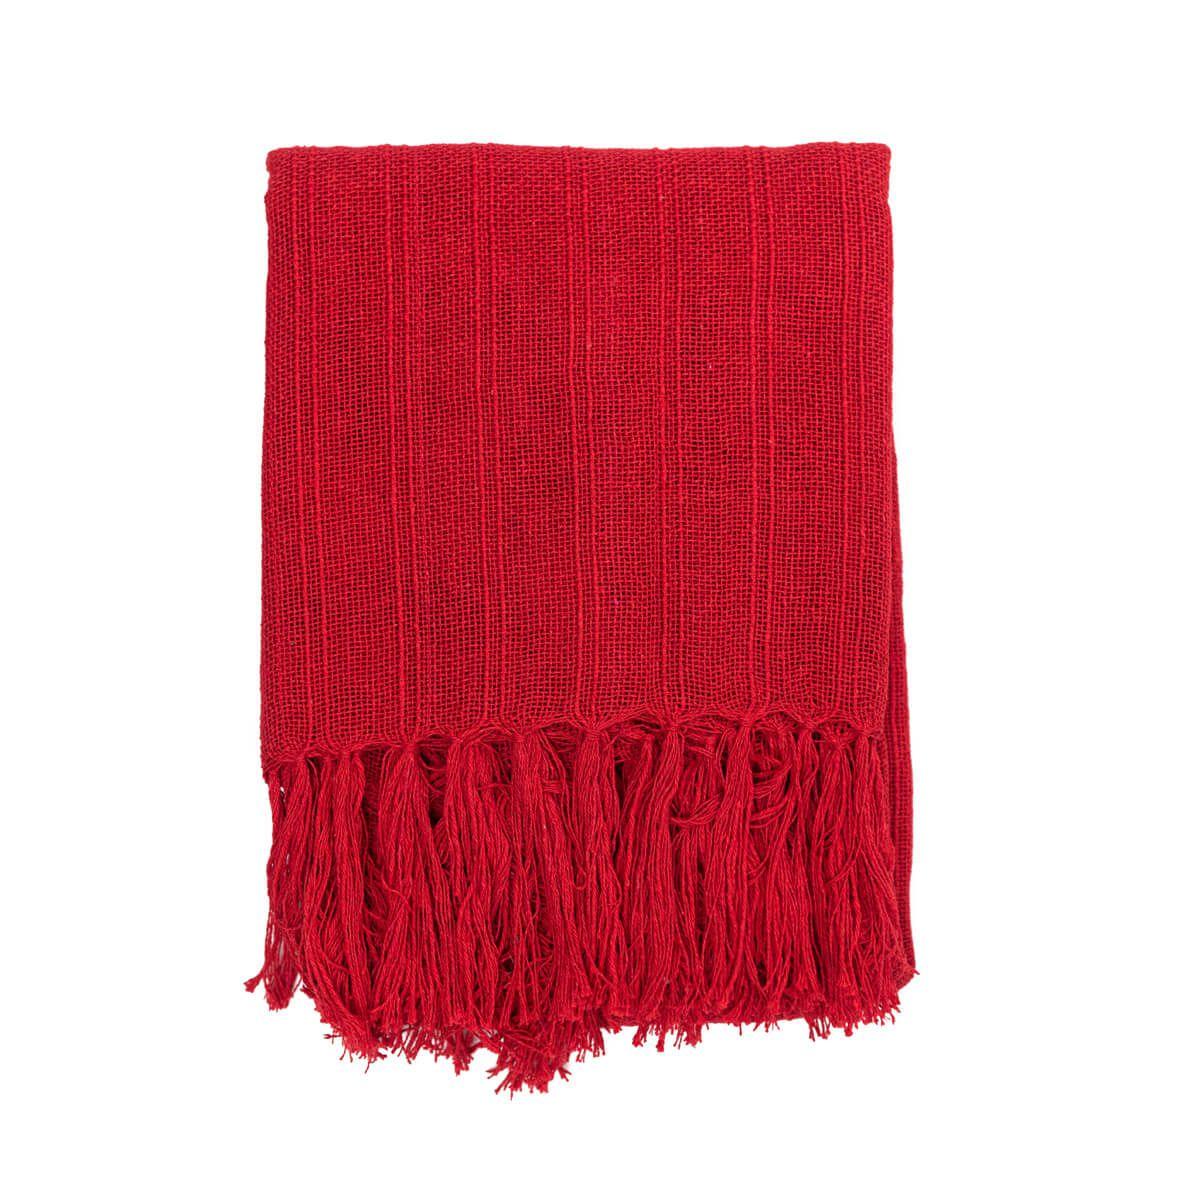 Manta Decorativa Algodão Vermelho 120x180